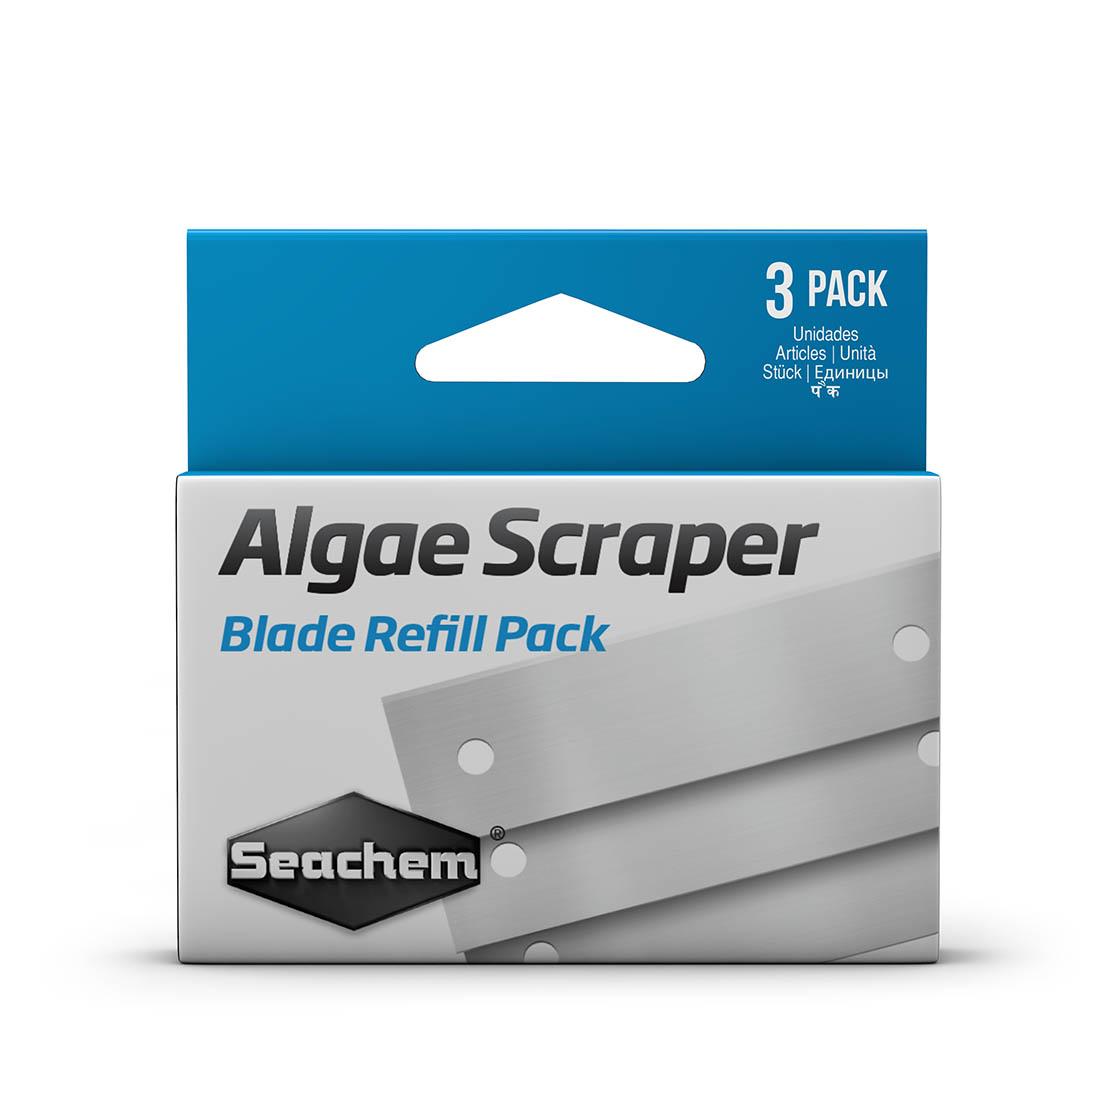 Seachem - Algae Scraper Replacement Blades